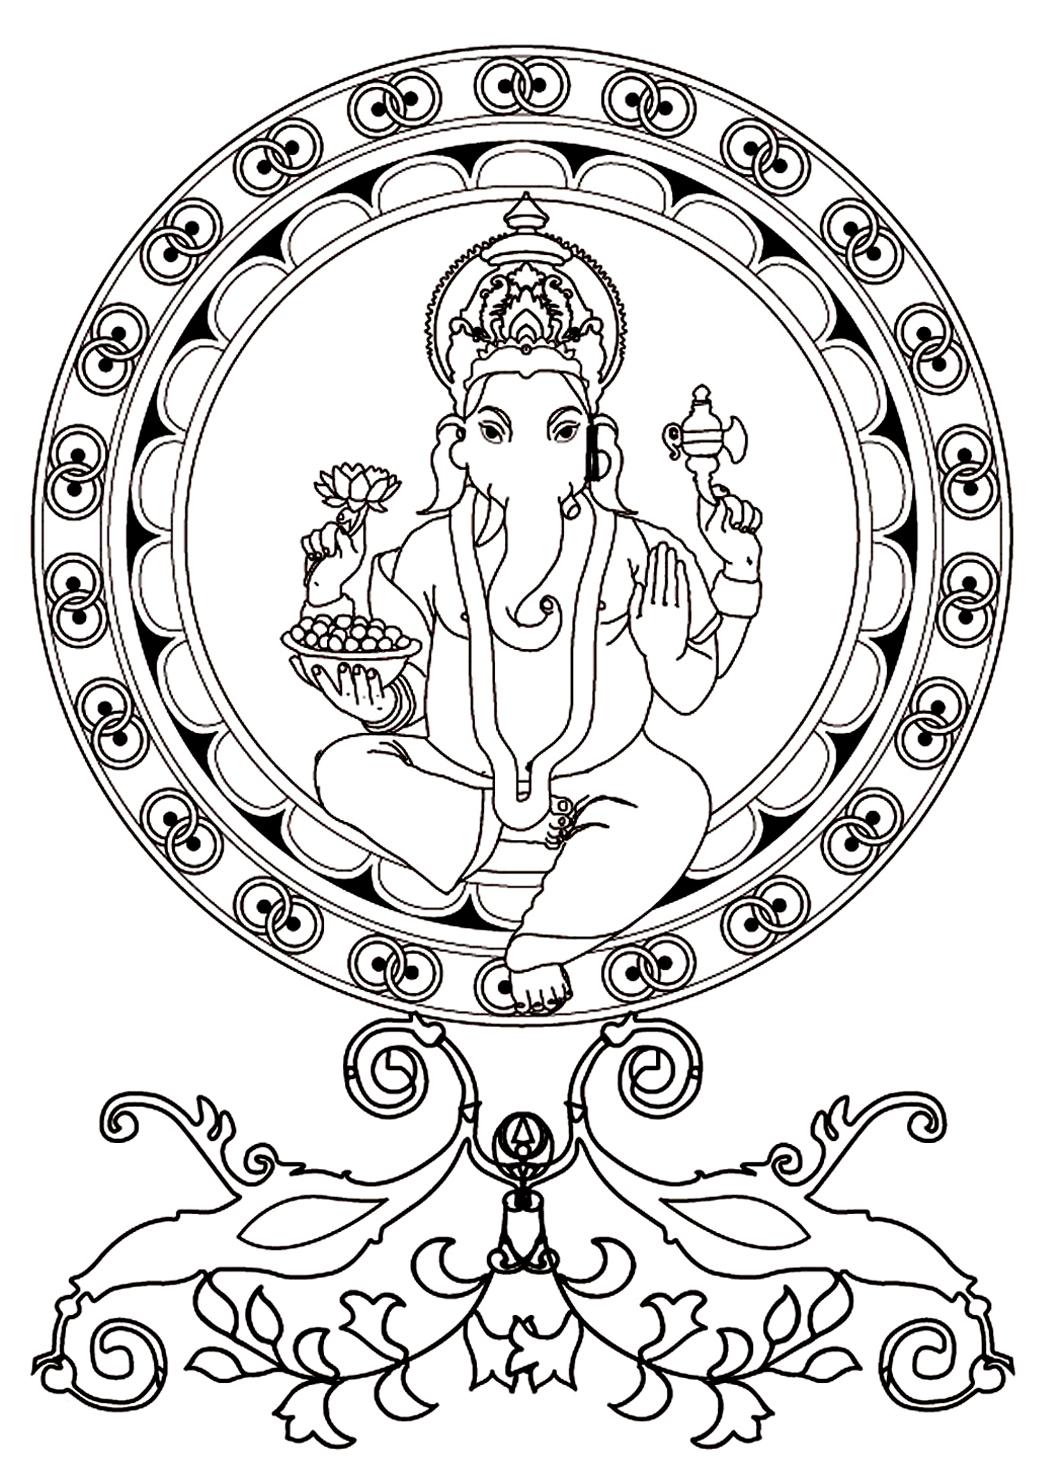 La divinité hindoue Ganesh à colorier : Dieu de la sagesse, de l'intelligence et de la connaissance. Représenté avec quatre bras et une tête d'éléphant